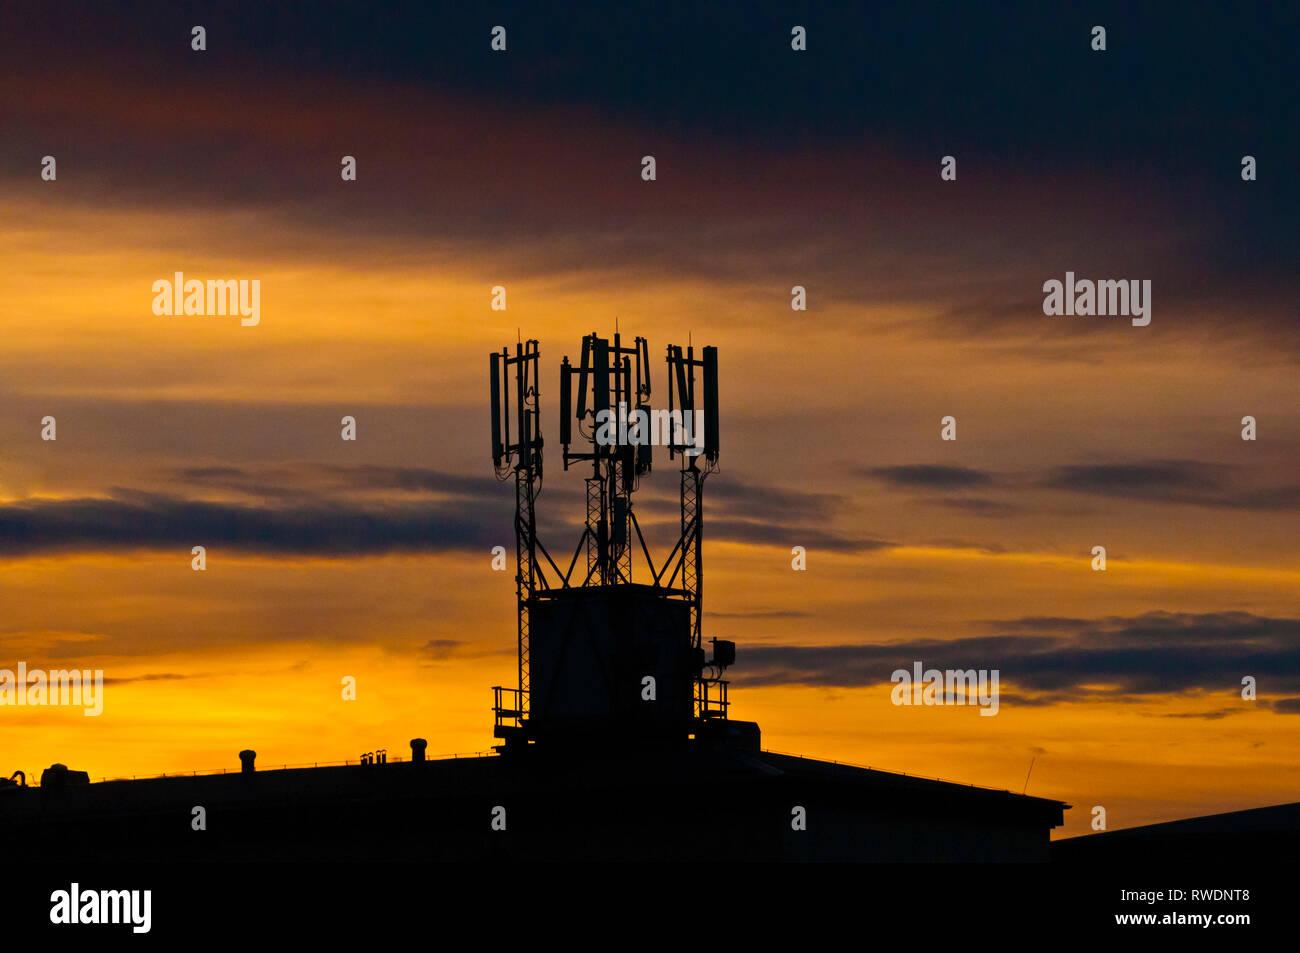 Site de la cellule sur le toit d'un bâtiment en silhouette Photo Stock